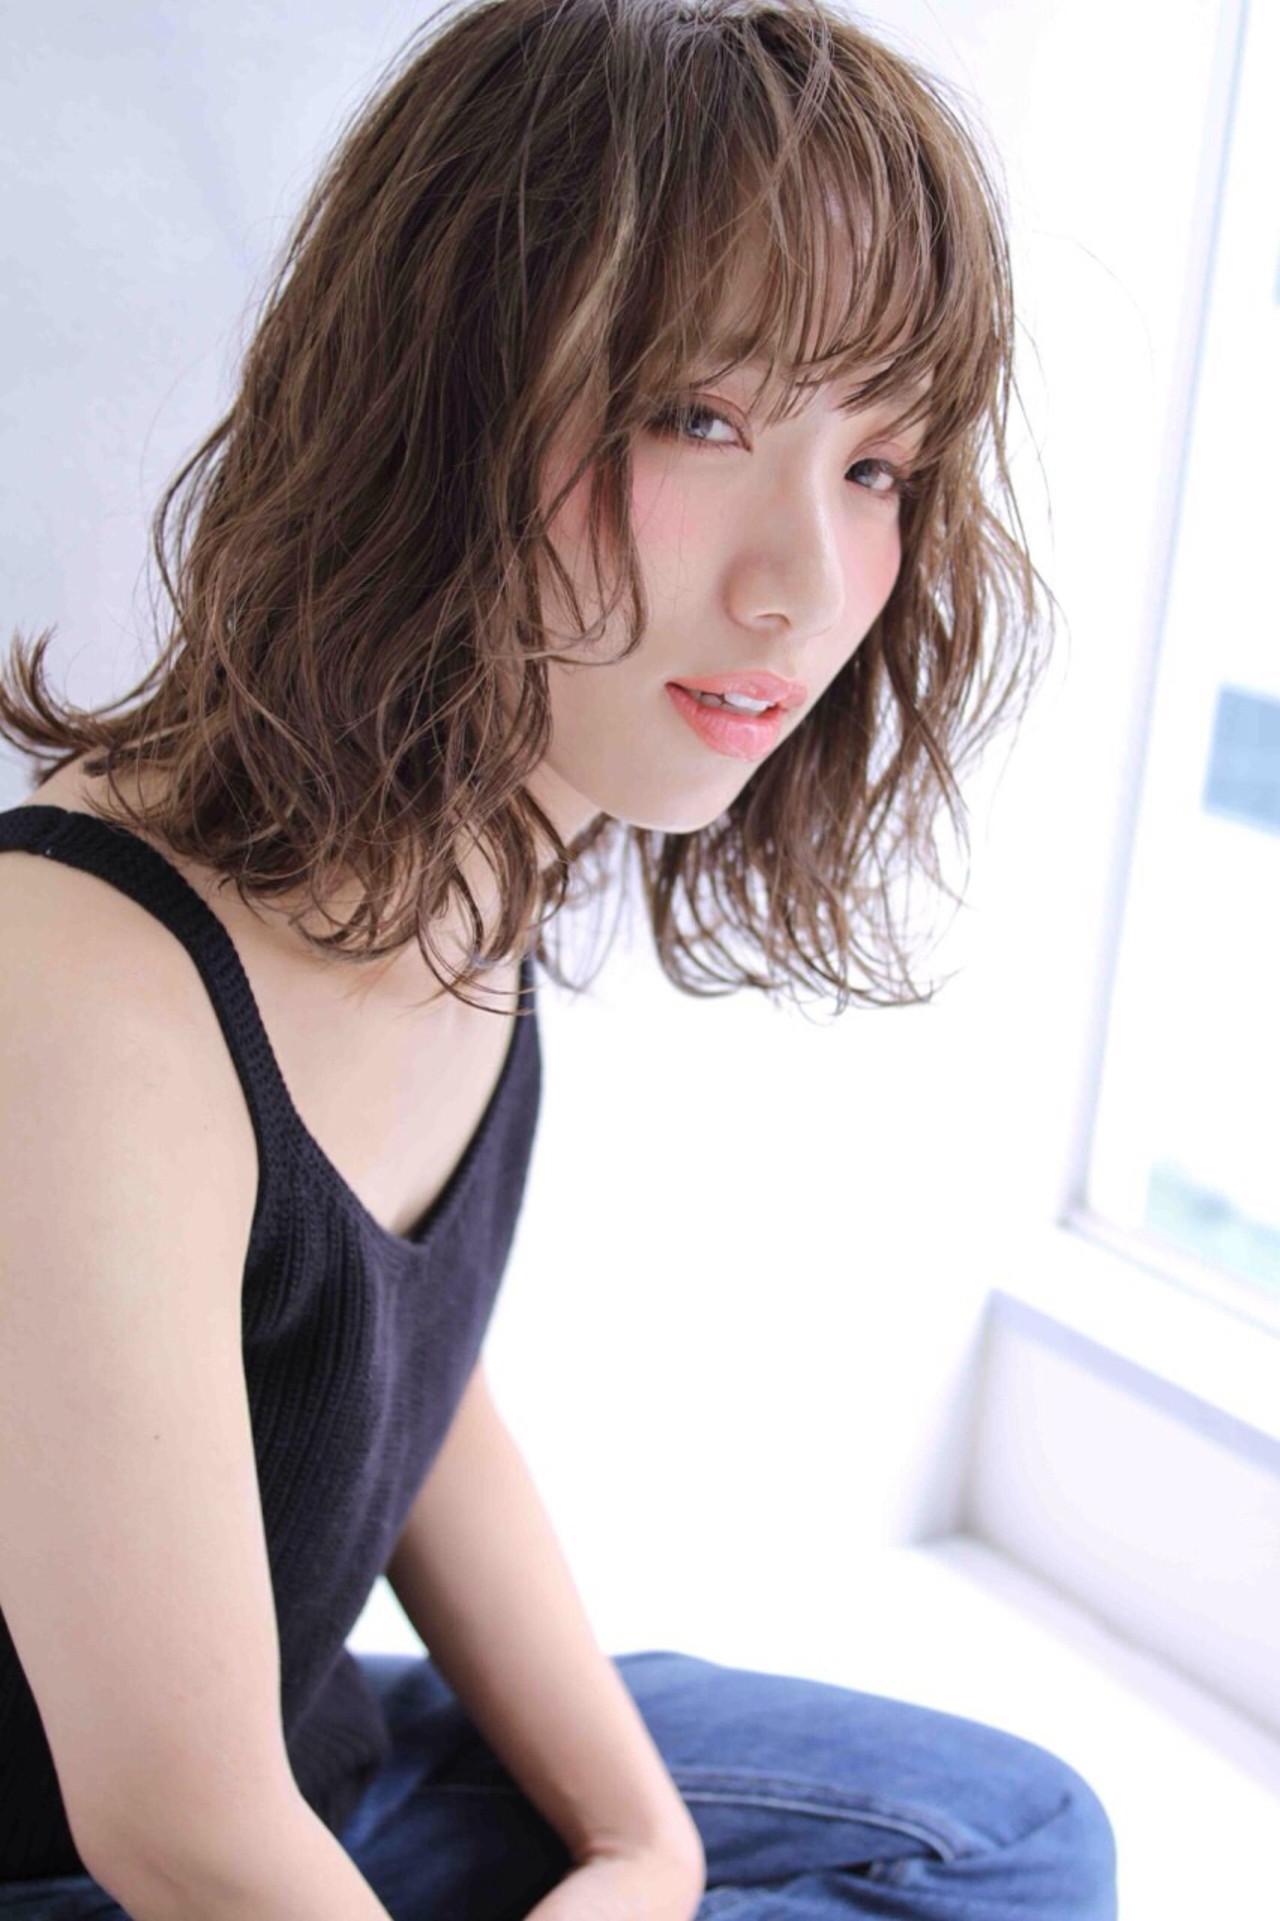 ピュア 外国人風 ミディアム くせ毛風 ヘアスタイルや髪型の写真・画像 | Miki /